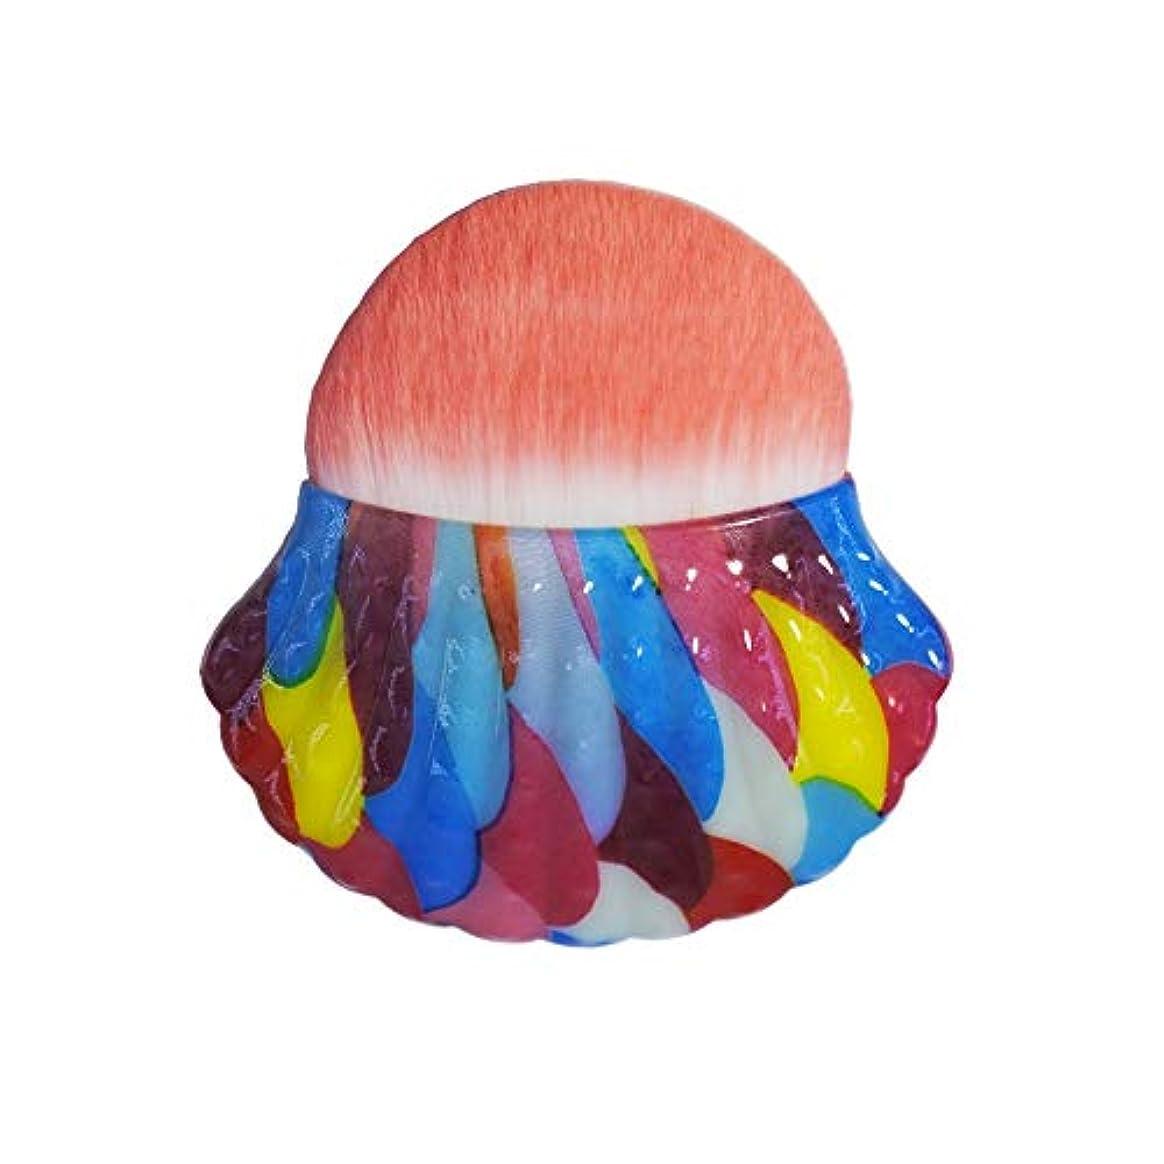 ヒゲクジラそしてゲートMakeup brushes 色、独占シェルタイプブラッシュブラシ美容メイクブラシツールポータブル多機能メイクブラシ suits (Color : Rainbow)